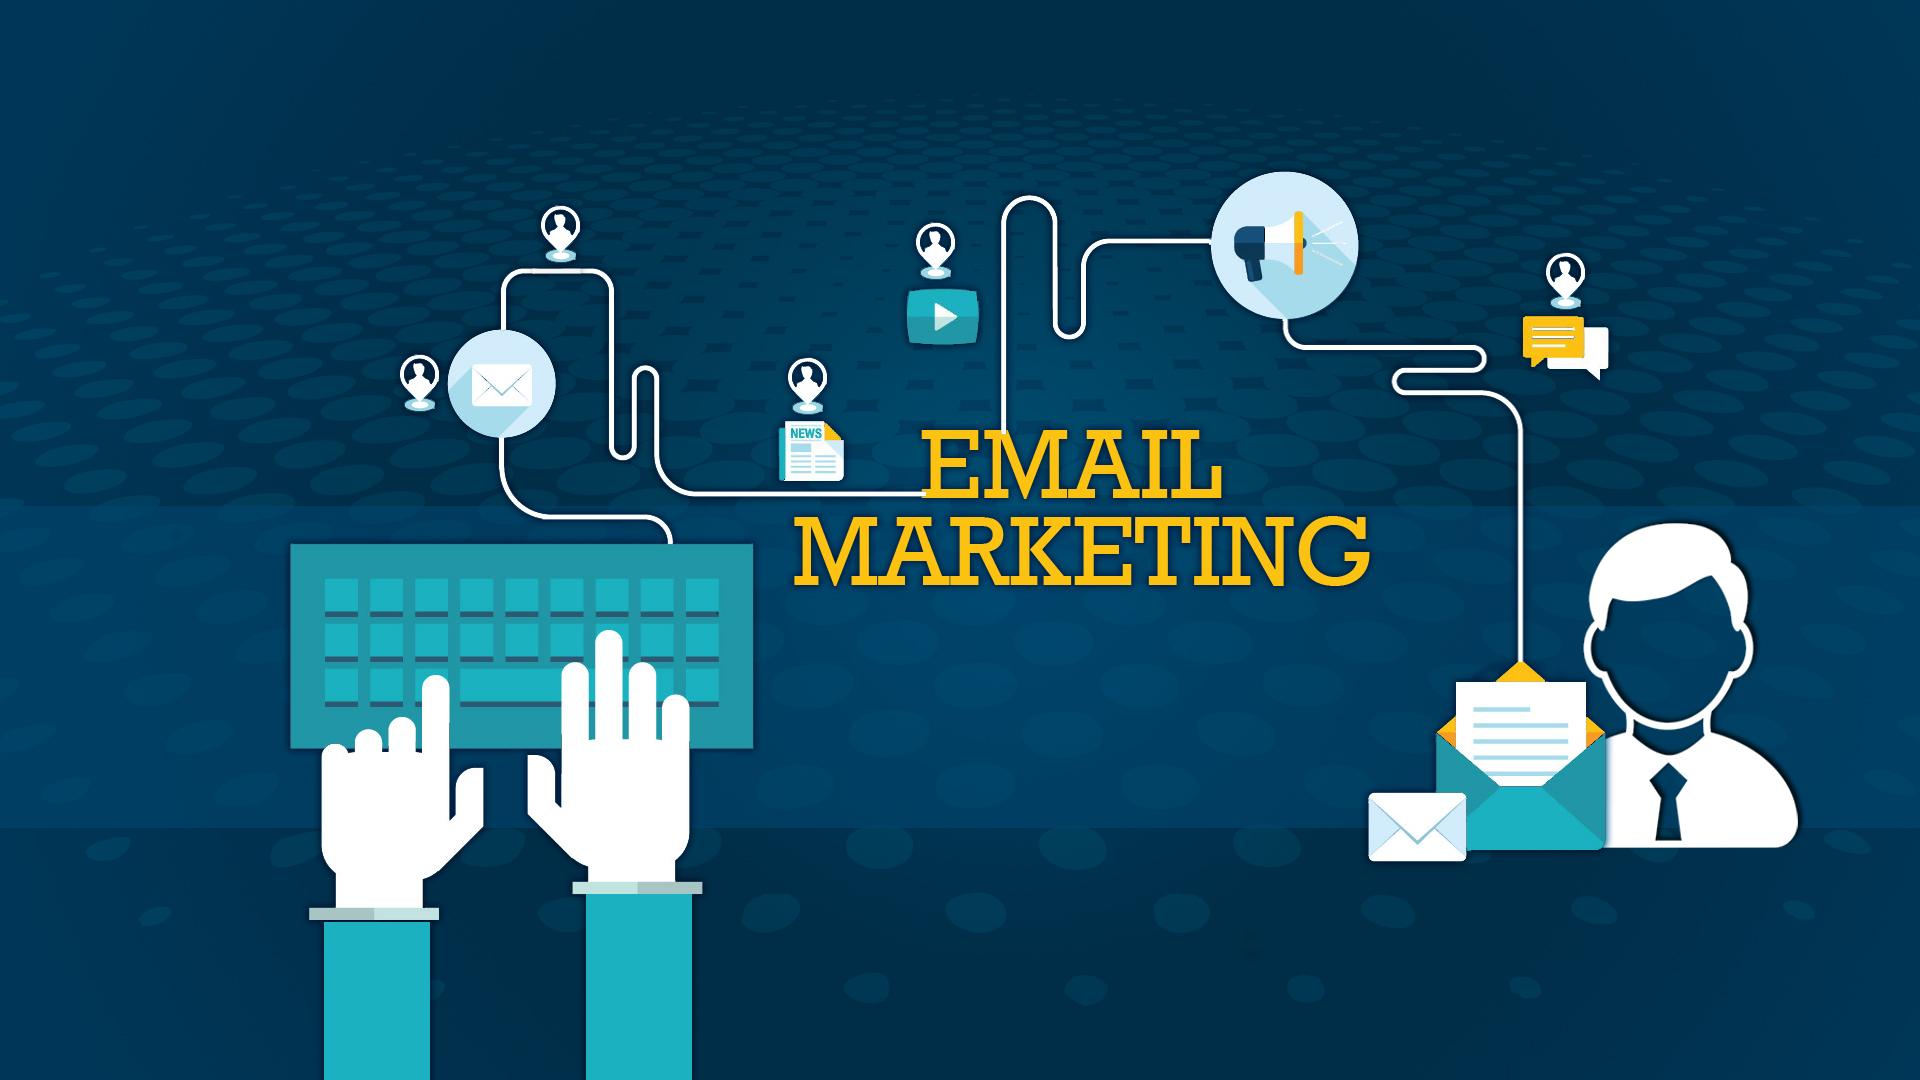 Email Marketing - Chiến lược quảng cáo không thể thiếu trong kinh doanh phụ  tùng ô tô - Vast Media - Giải Pháp Marketing Dành Riêng Cho Ngành Ô tô